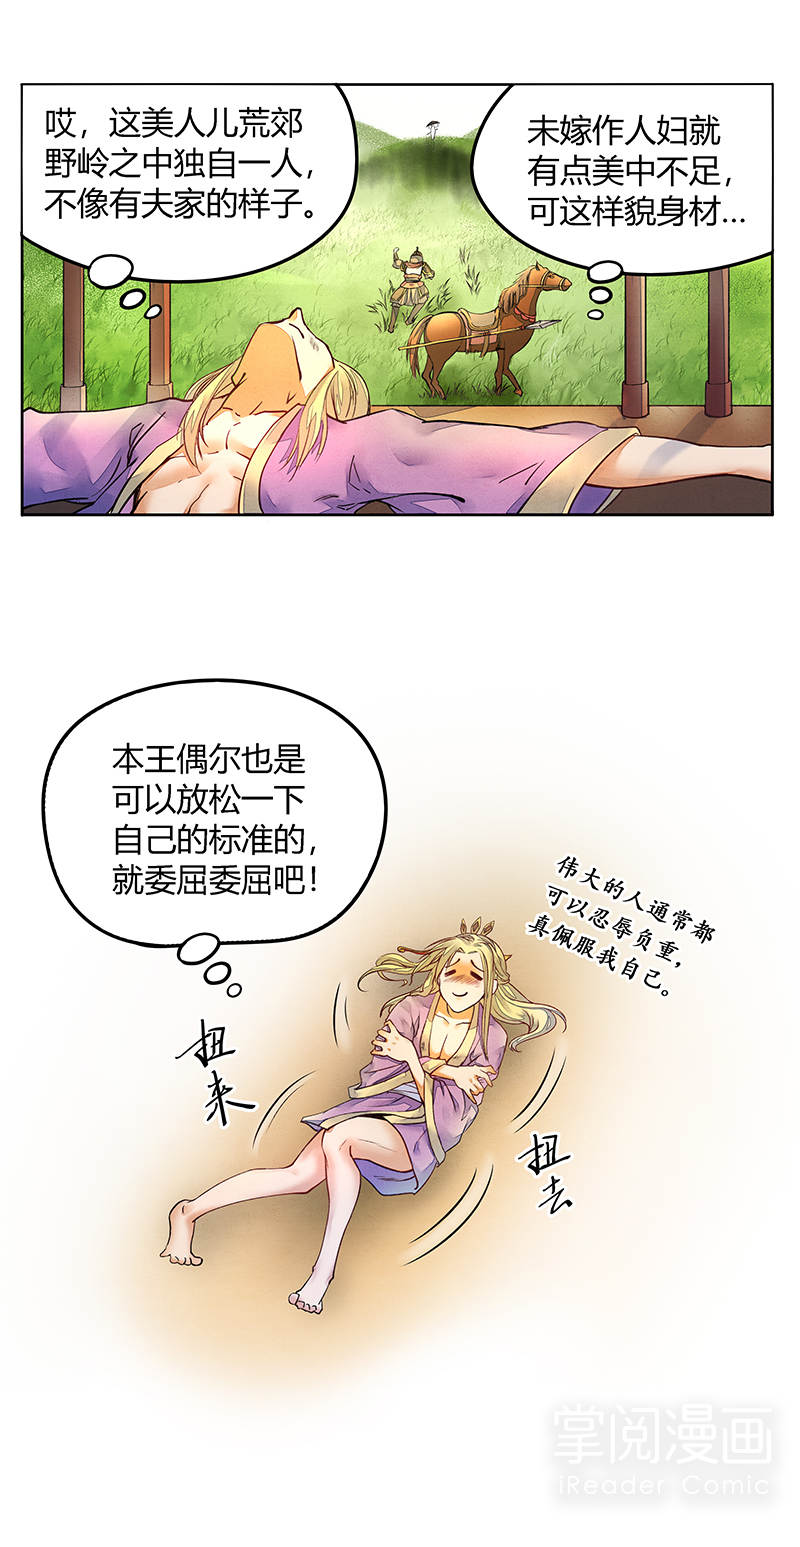 逍遥游第12话  鲜衣怒马惊鸿去 第 9